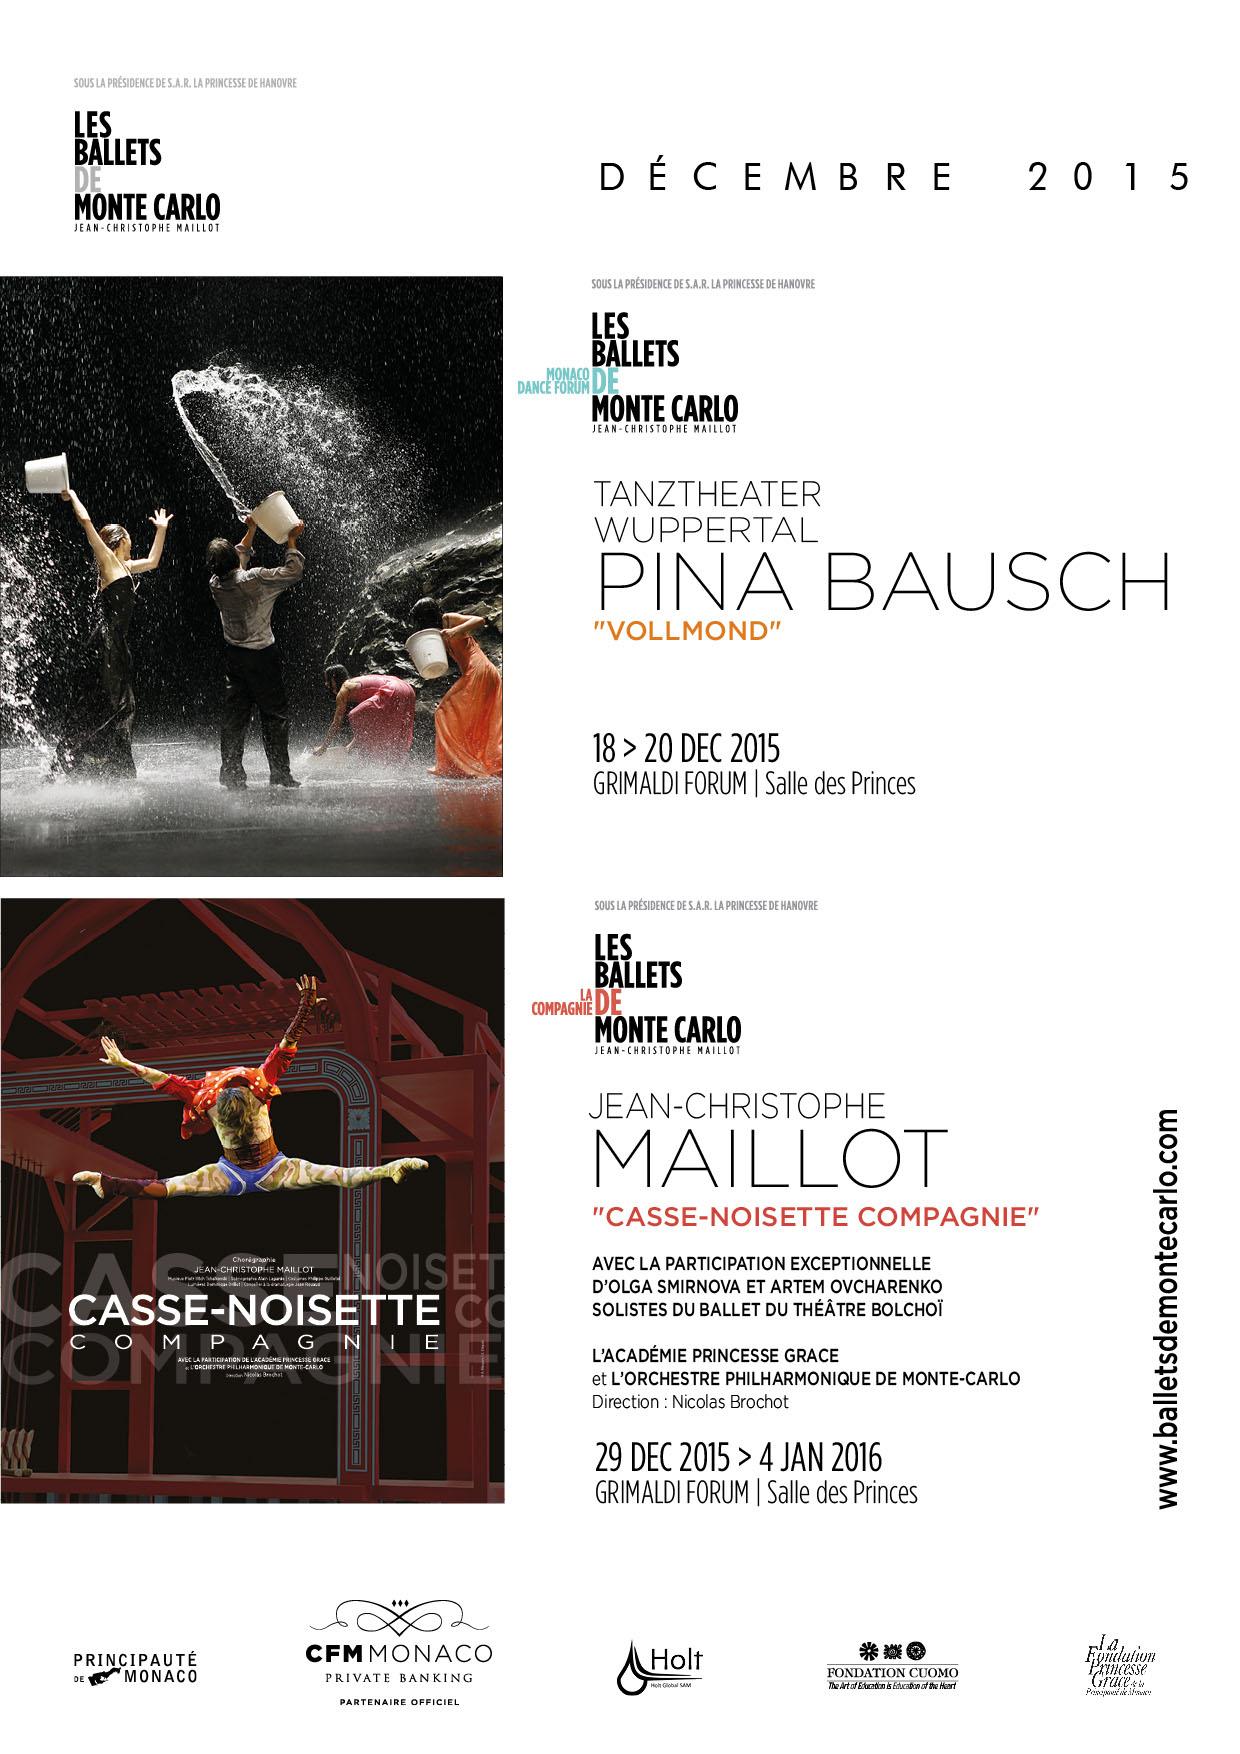 La Compagnie des Ballets de Monte-Carlo célèbre ses 30 ans, programmation des mois de Décembre 2015 et Janvier 2016 …